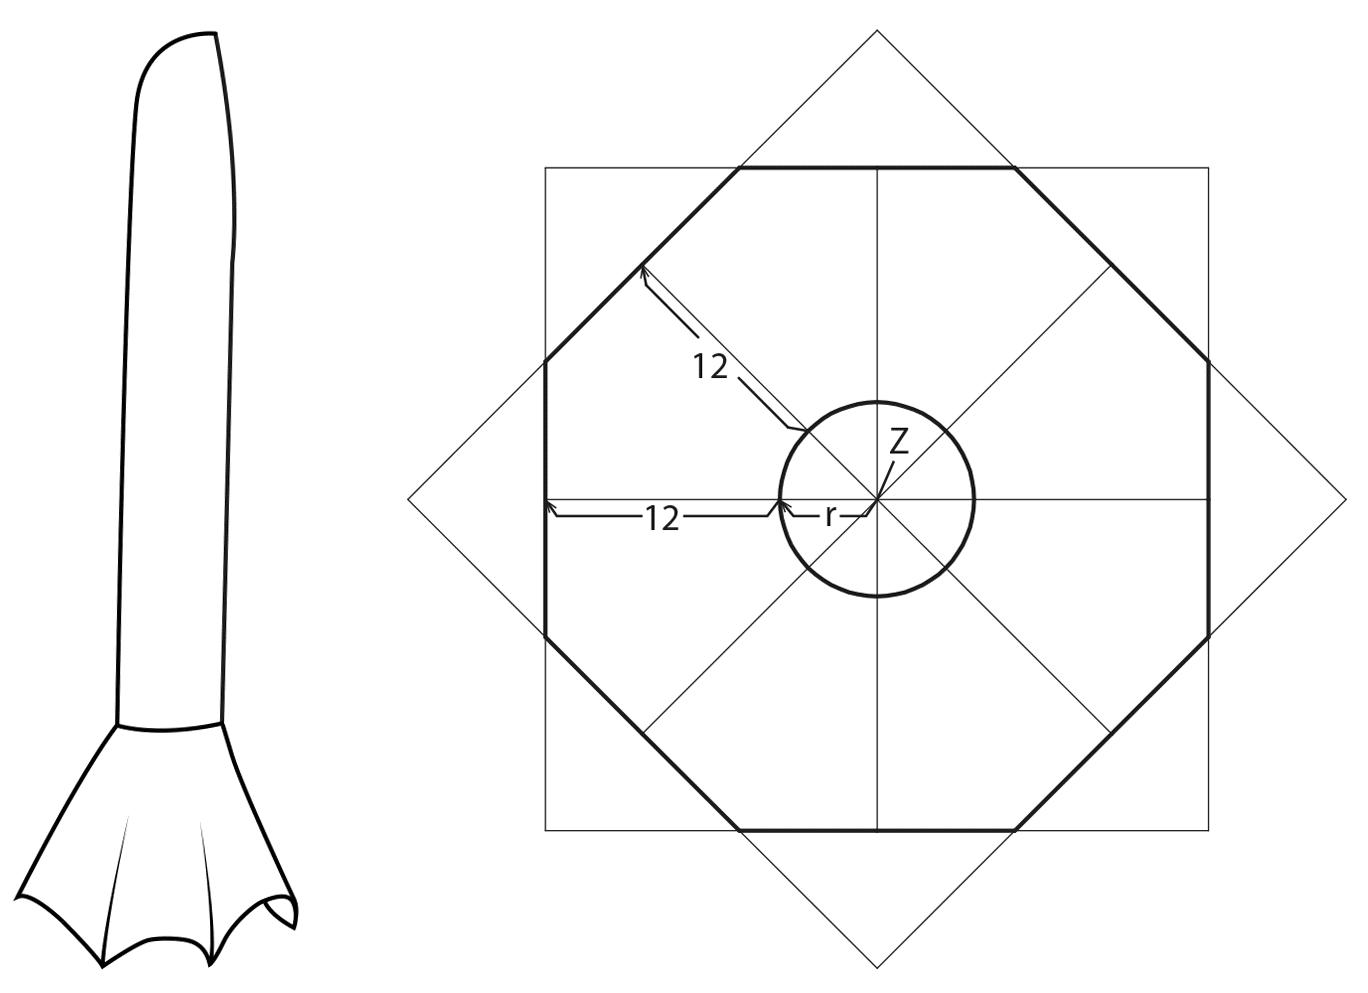 Technische Zeichnung und die Schnittkonstruktion der Aufstellung eines Tellerärmels ist zu sehen